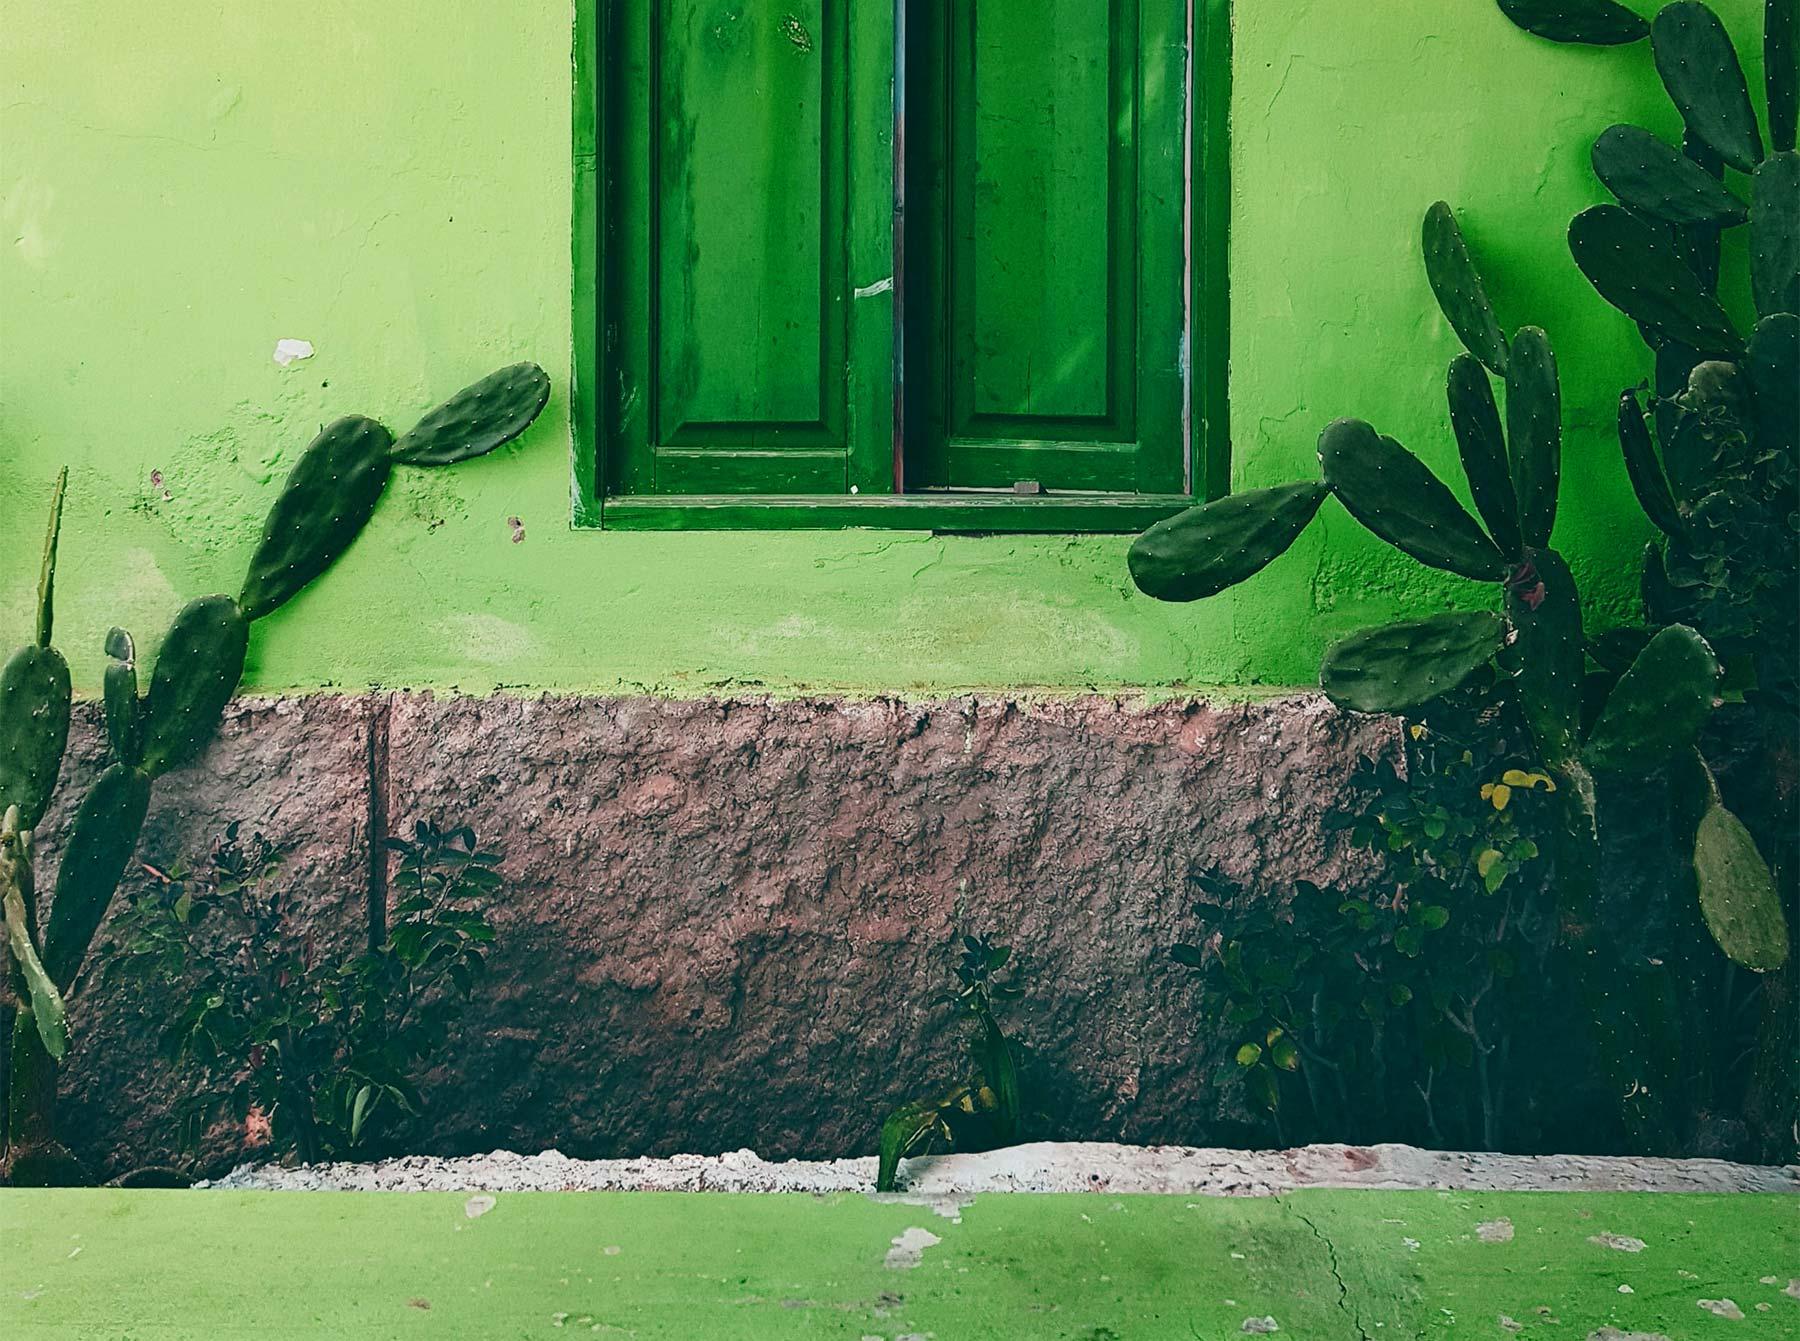 sfeerbeeld van een groene muur met planten er voor